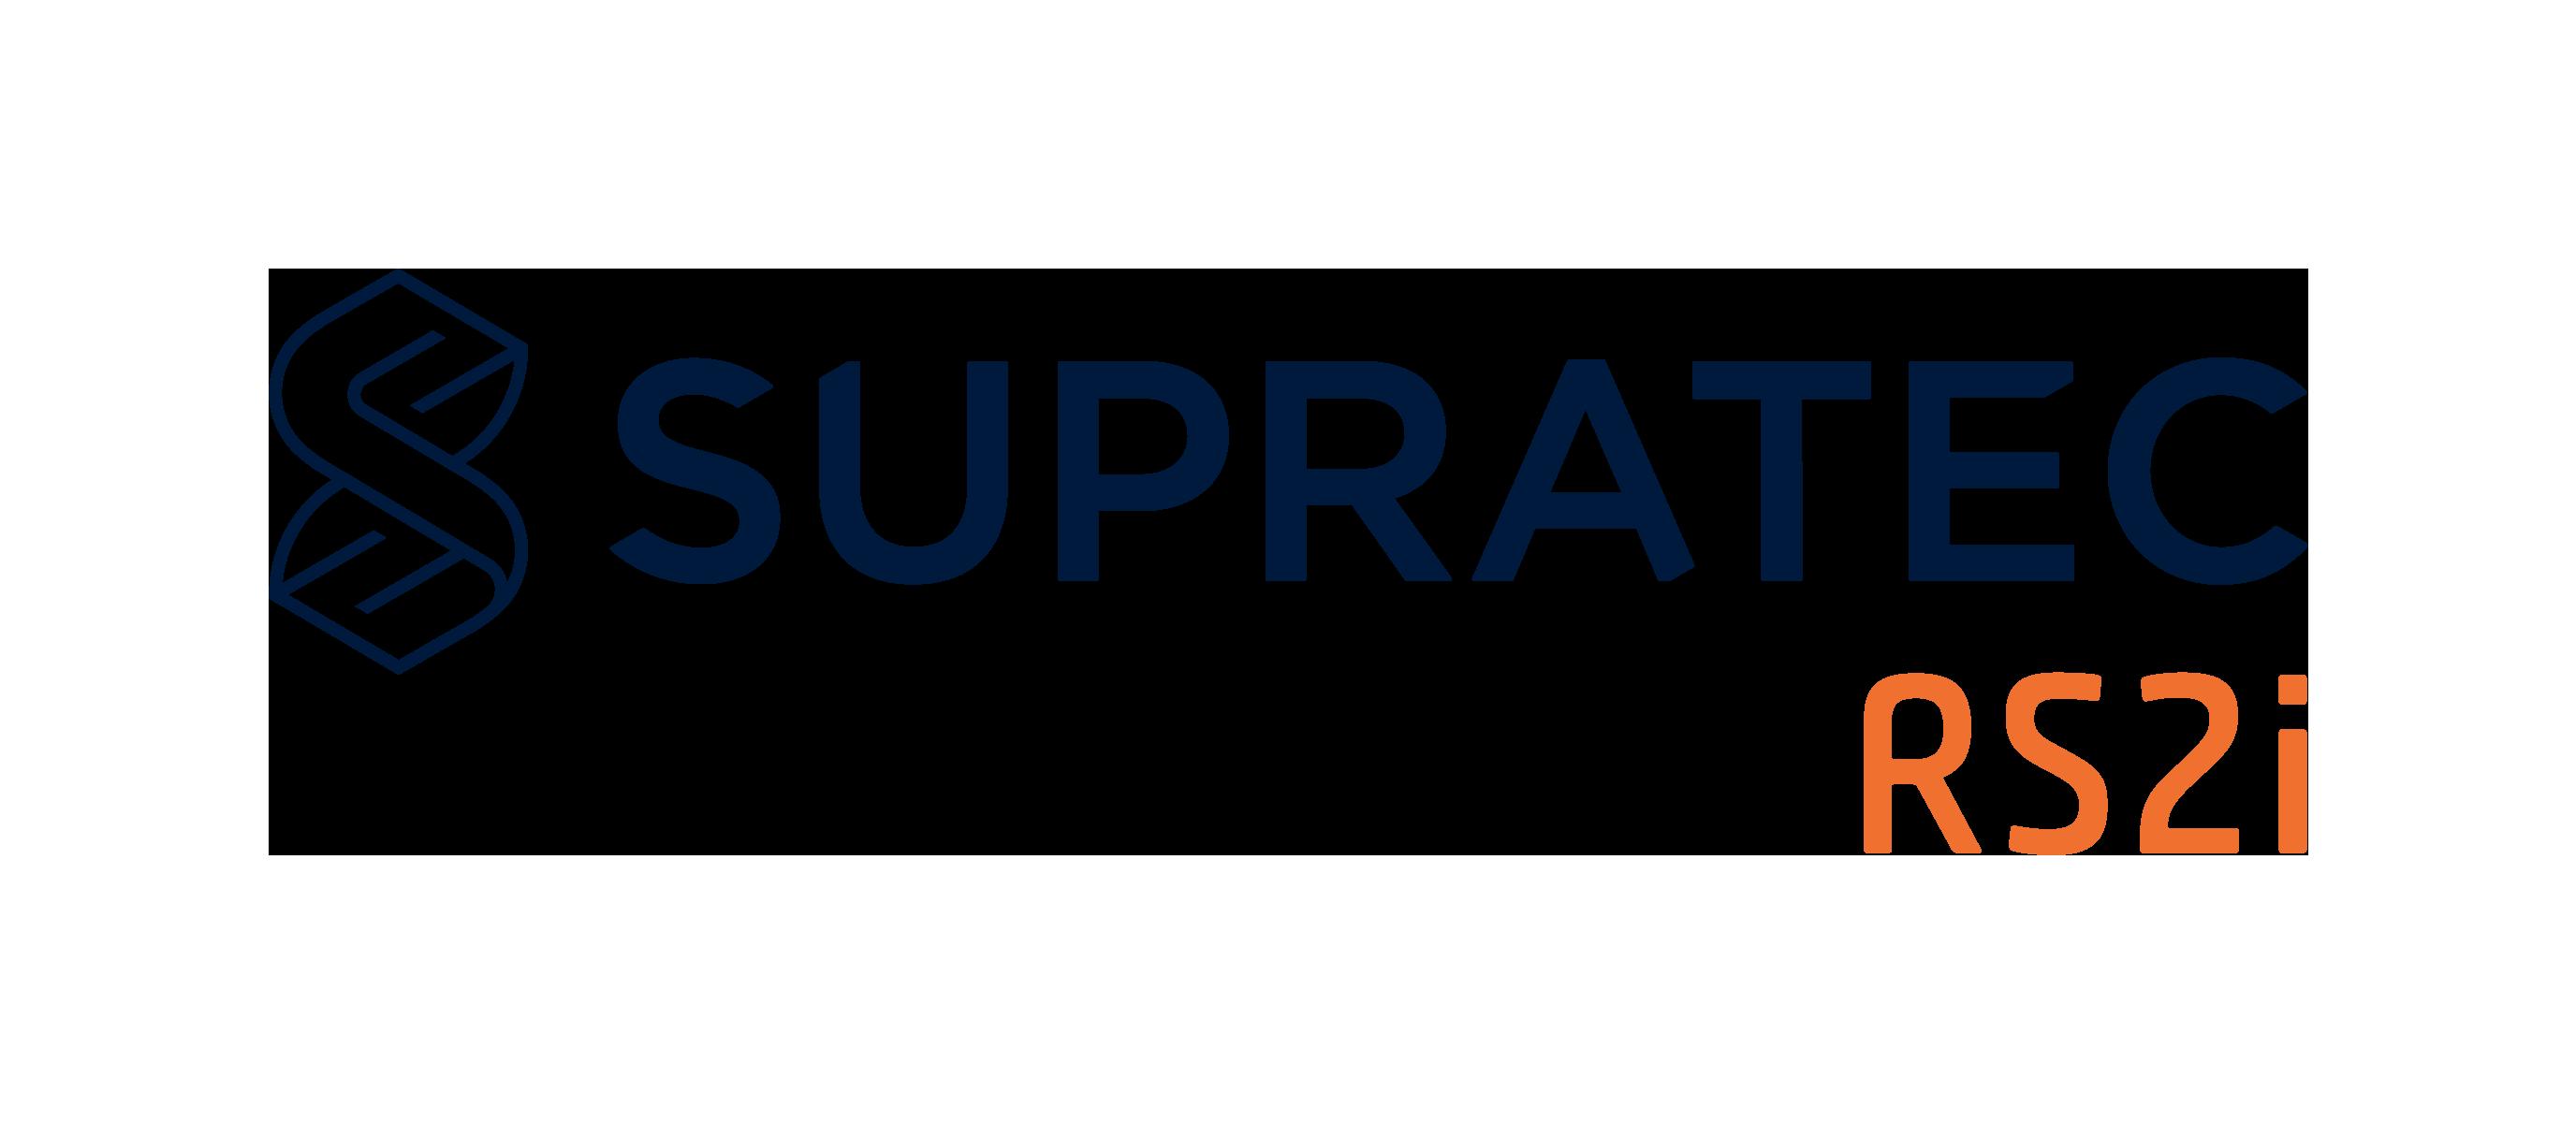 Logo the brand SUPRATEC RS2i